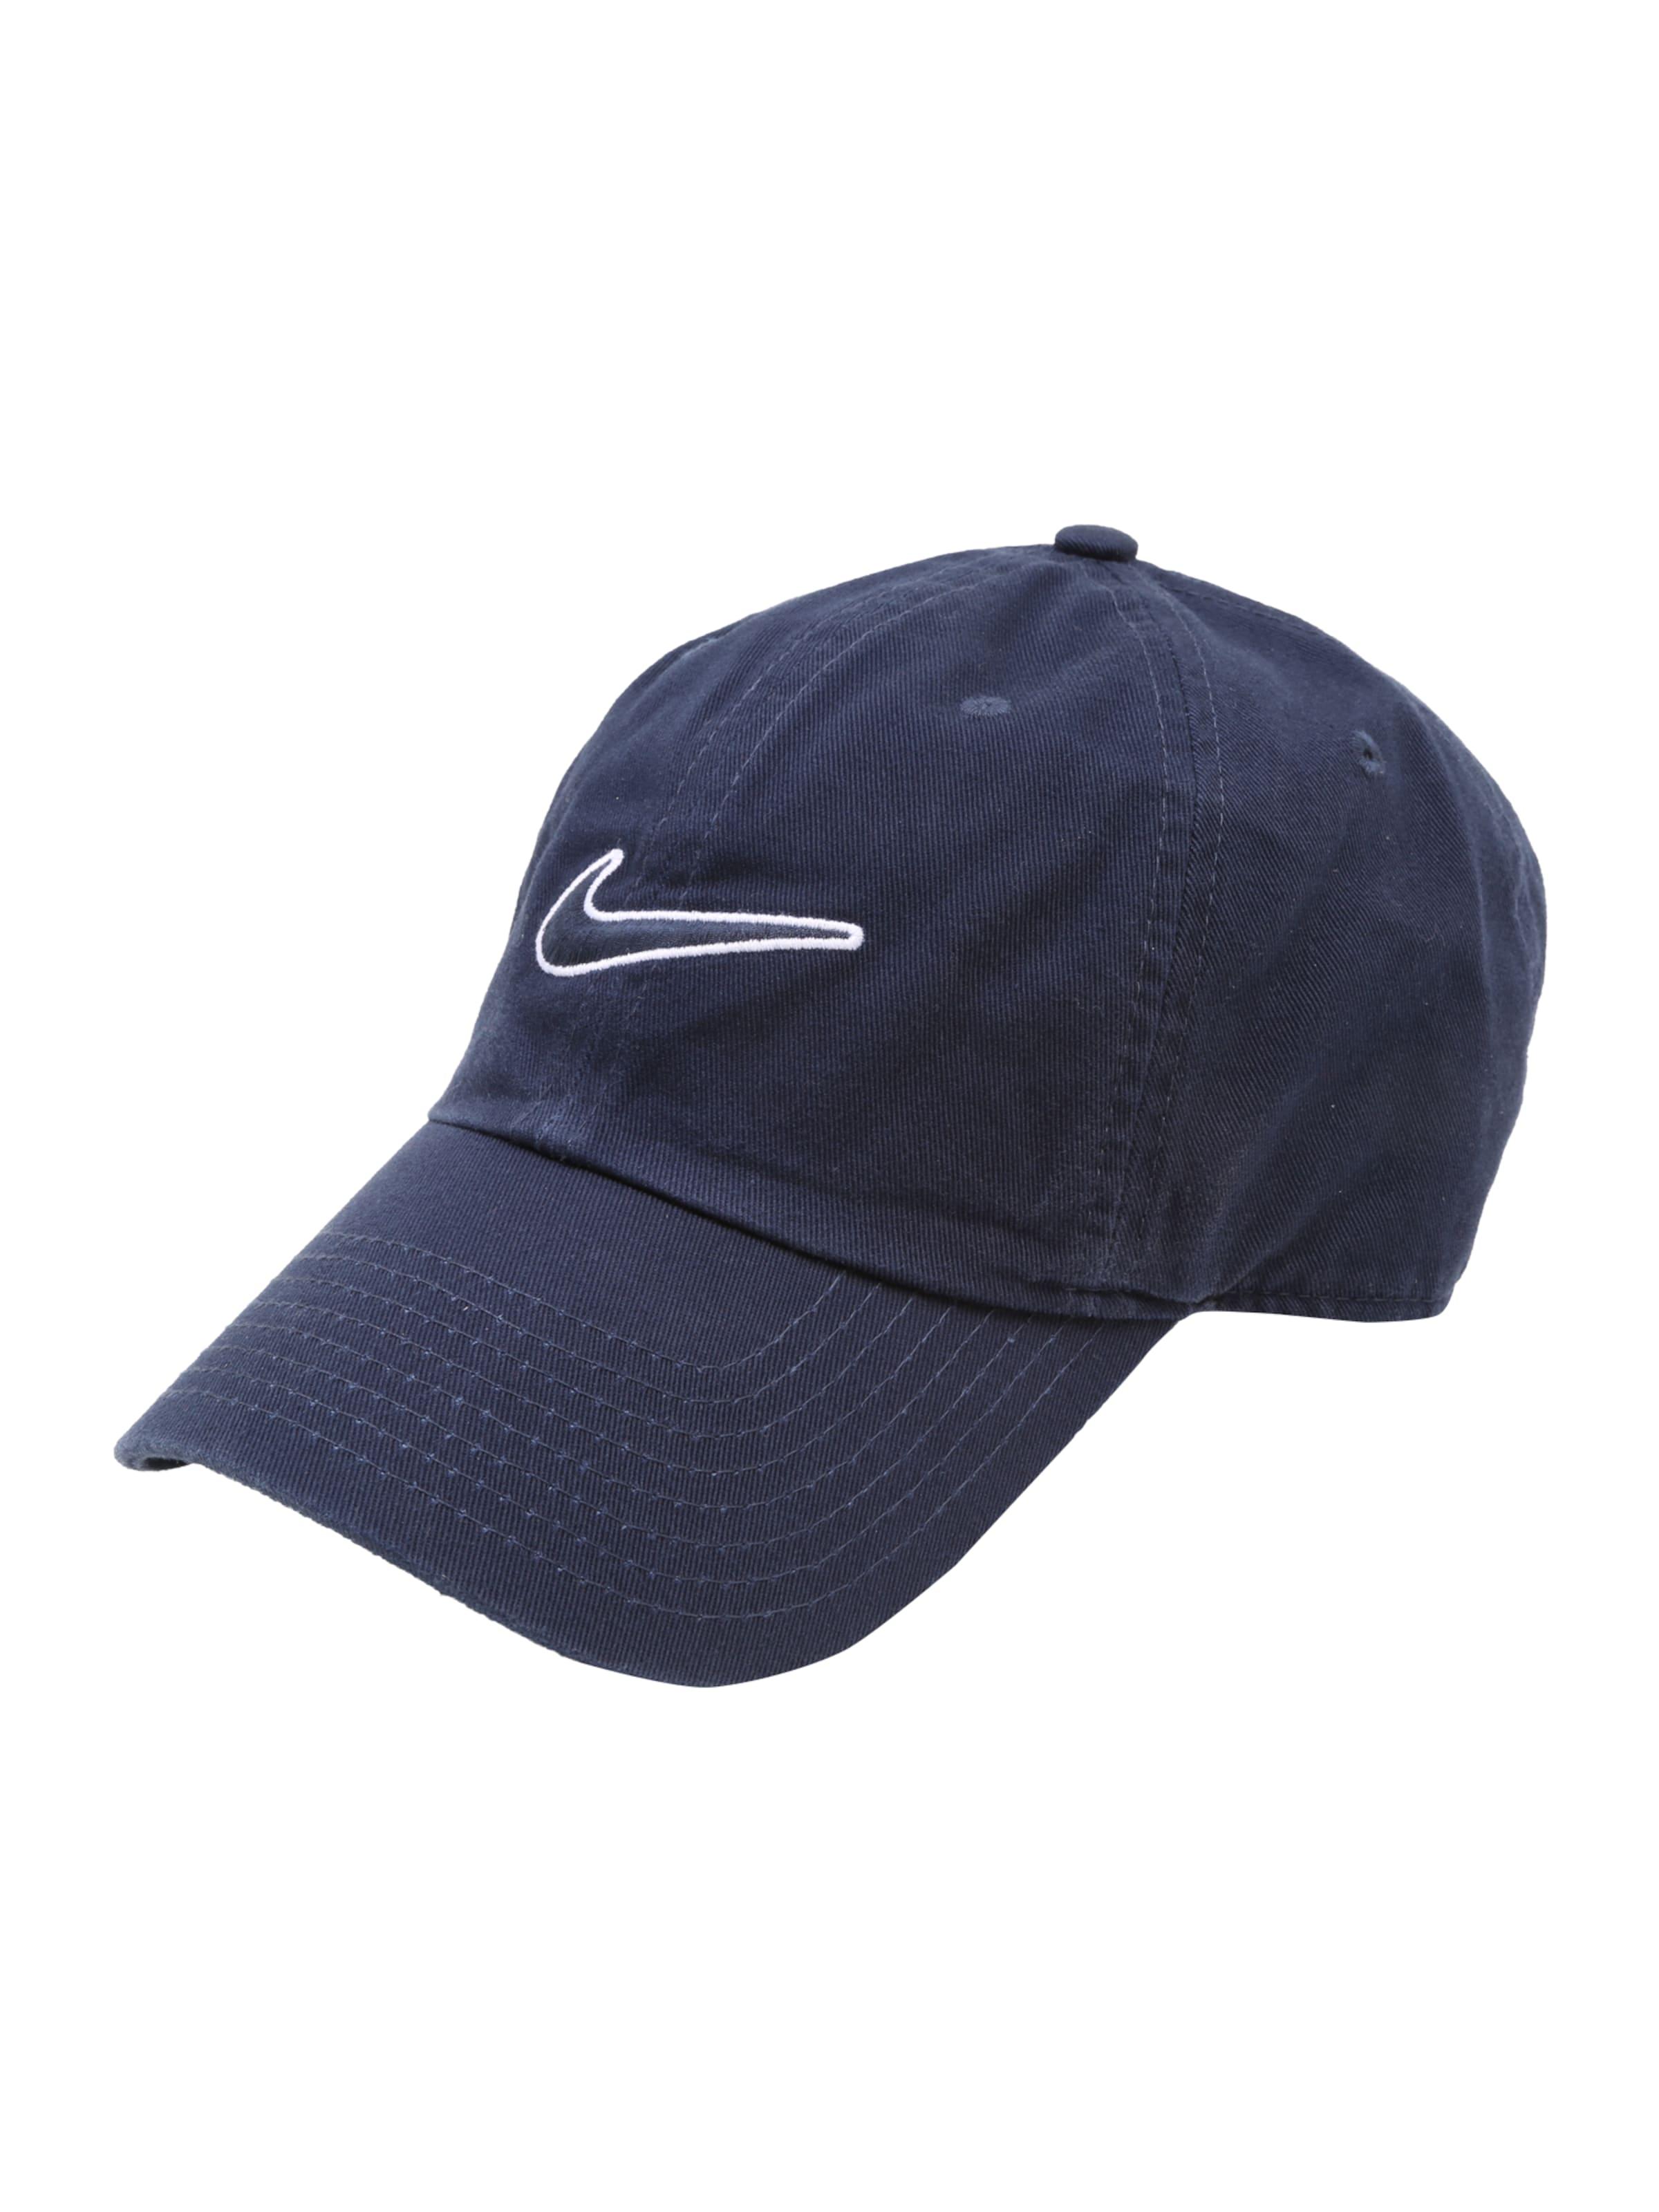 Nike Sportswear Pet 'heritage86' Donkerblauw In K5F1Jul3cT